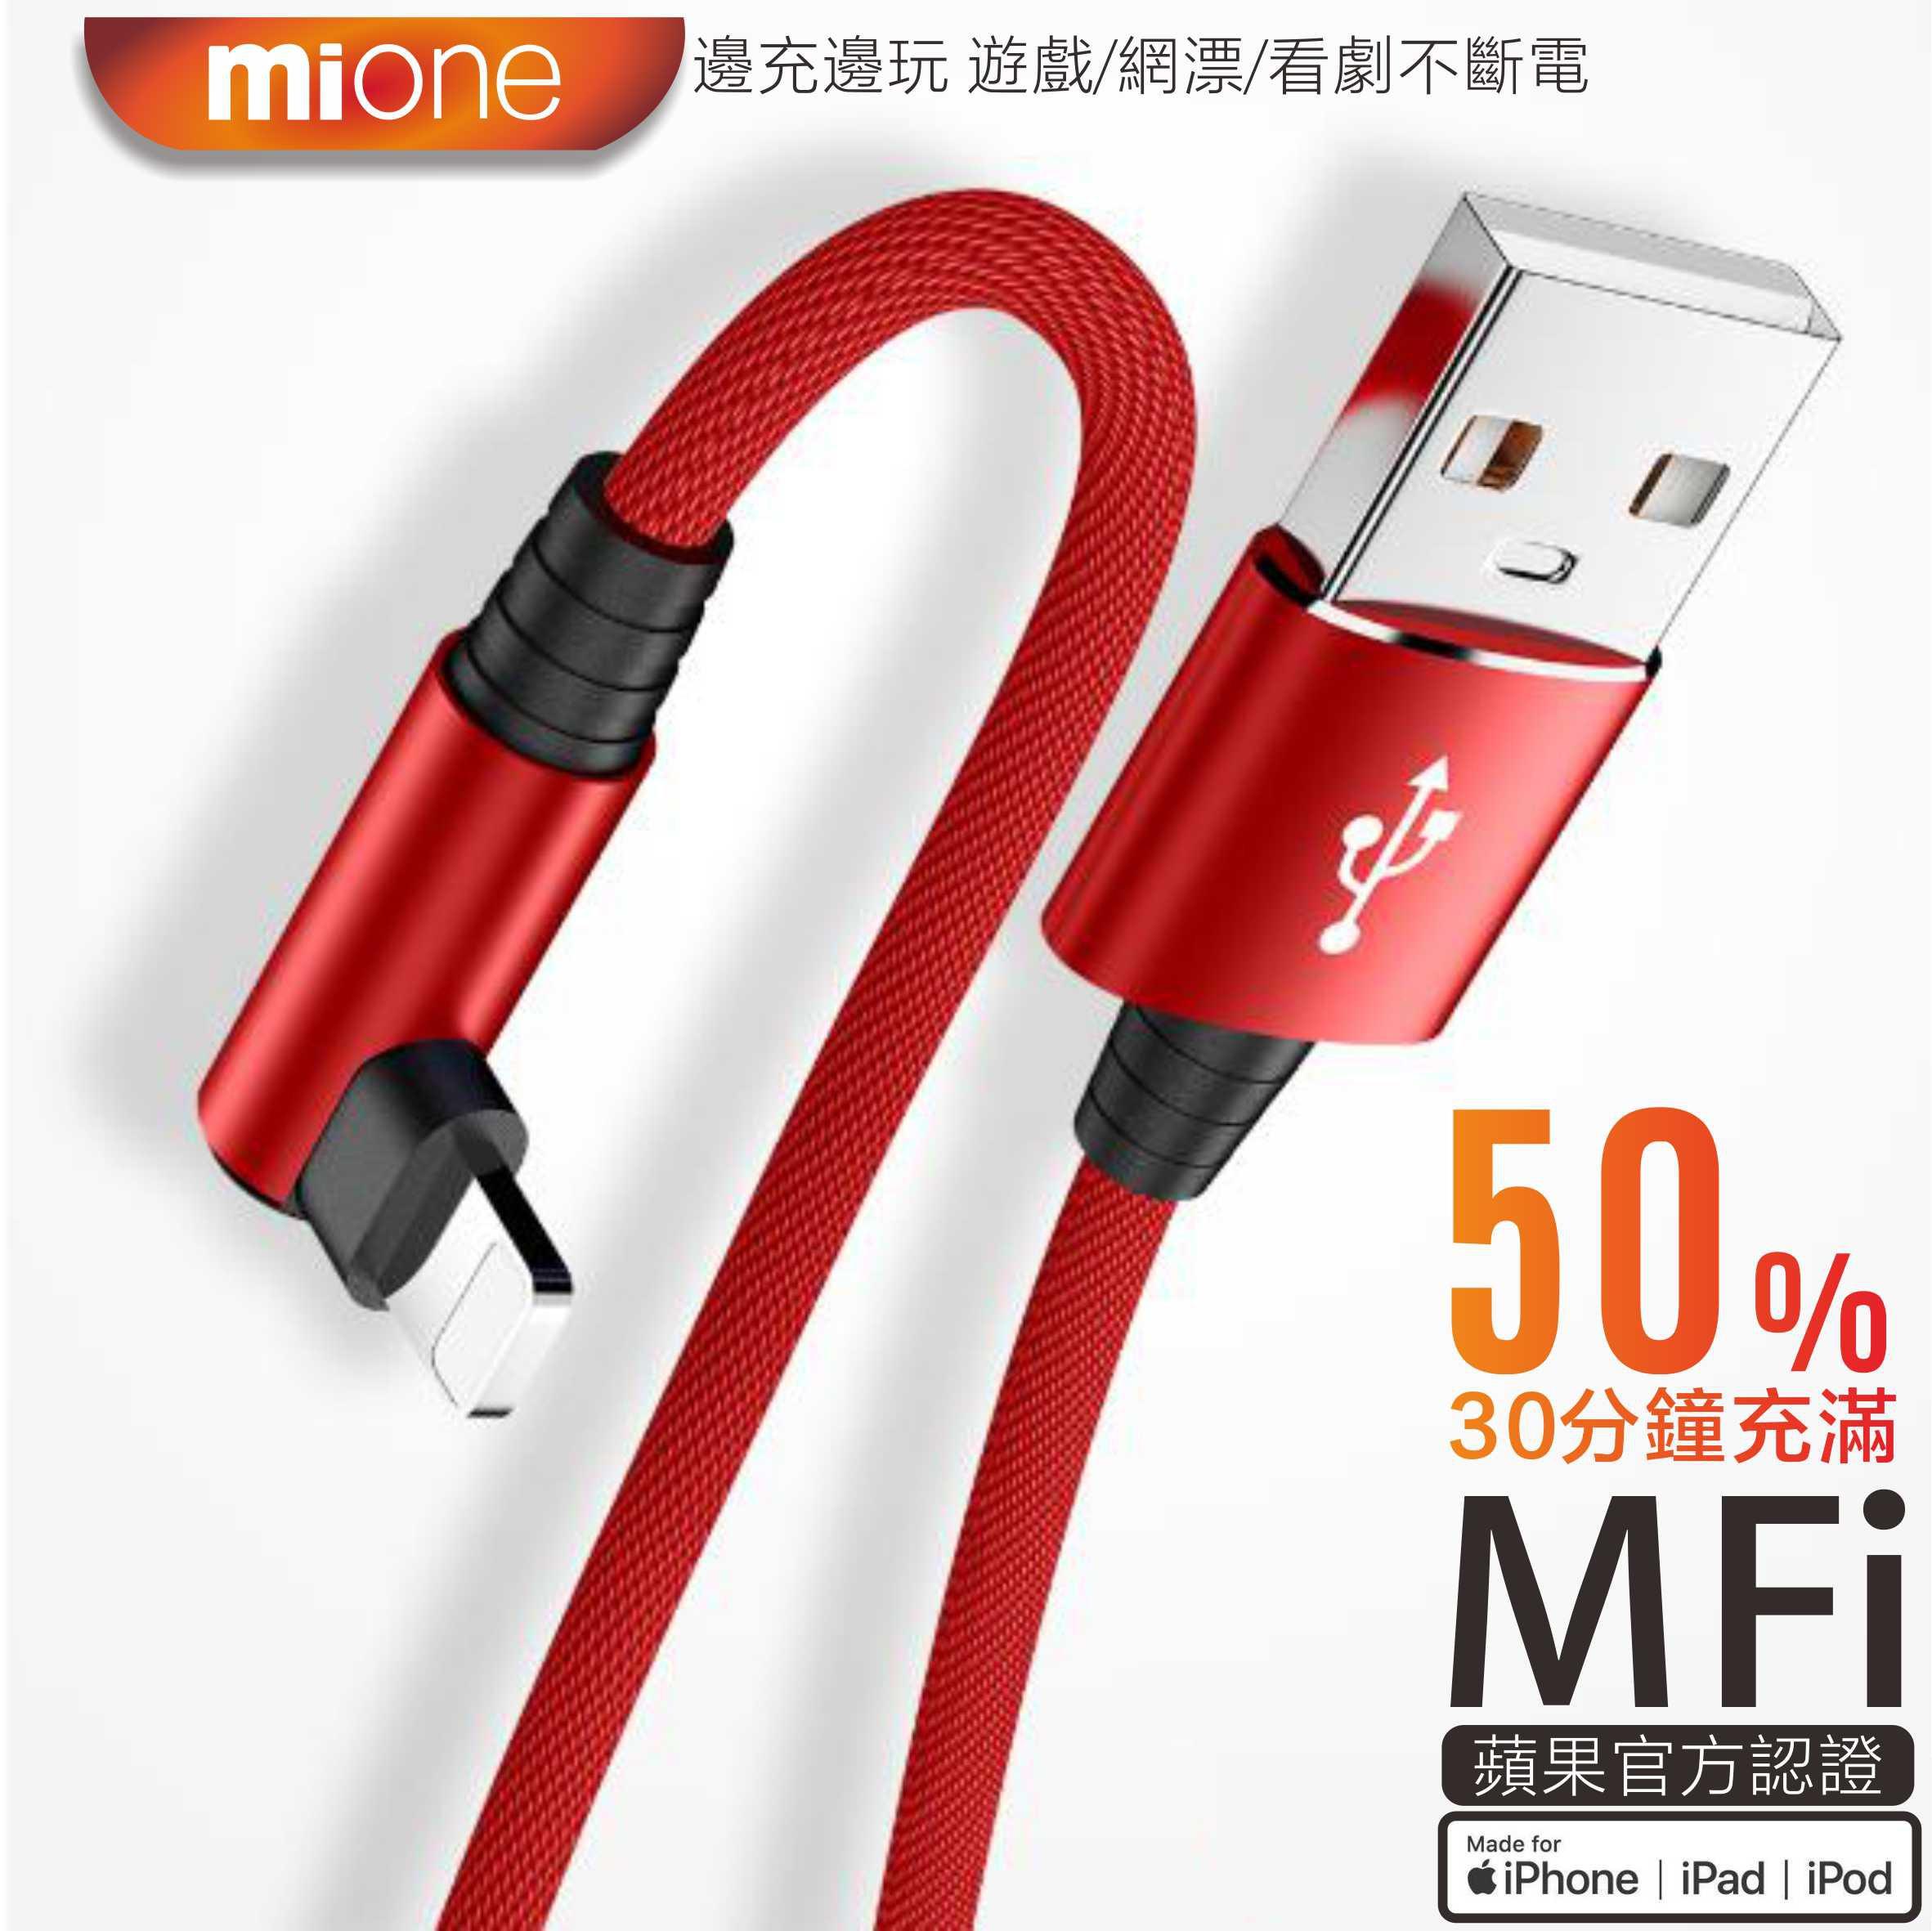 Mione MFI iPhone 充電線 彎頭充電線 lightning 快充線 遊戲 蘋果充電線 傳輸線 原廠 快充線